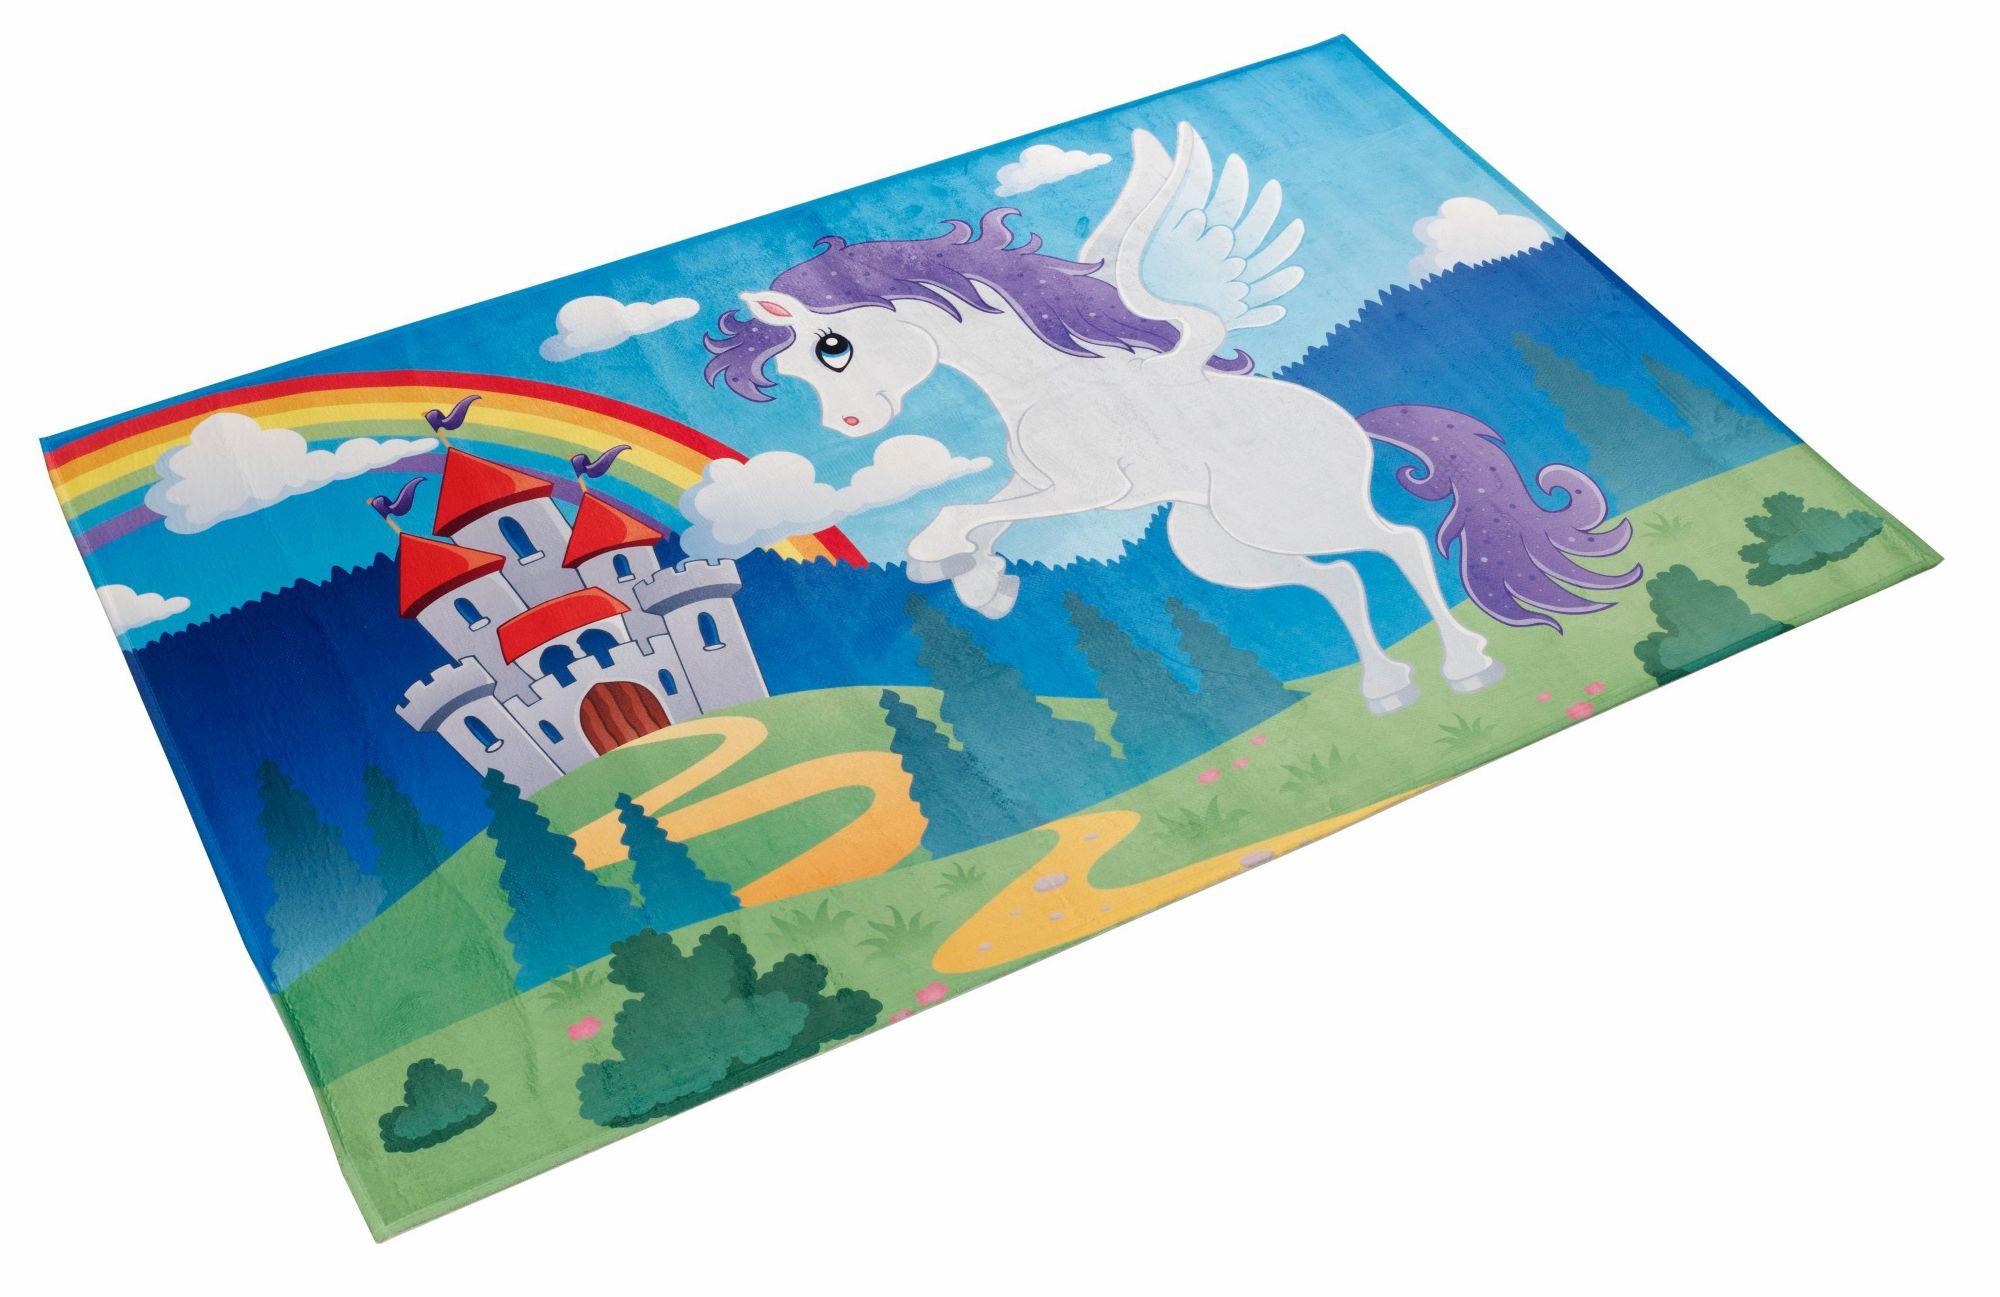 BÖING CARPET Kinderteppich, »Lovely Kids 401«, Böing Carpet, rechteckig, Höhe 6 mm, gedruckt